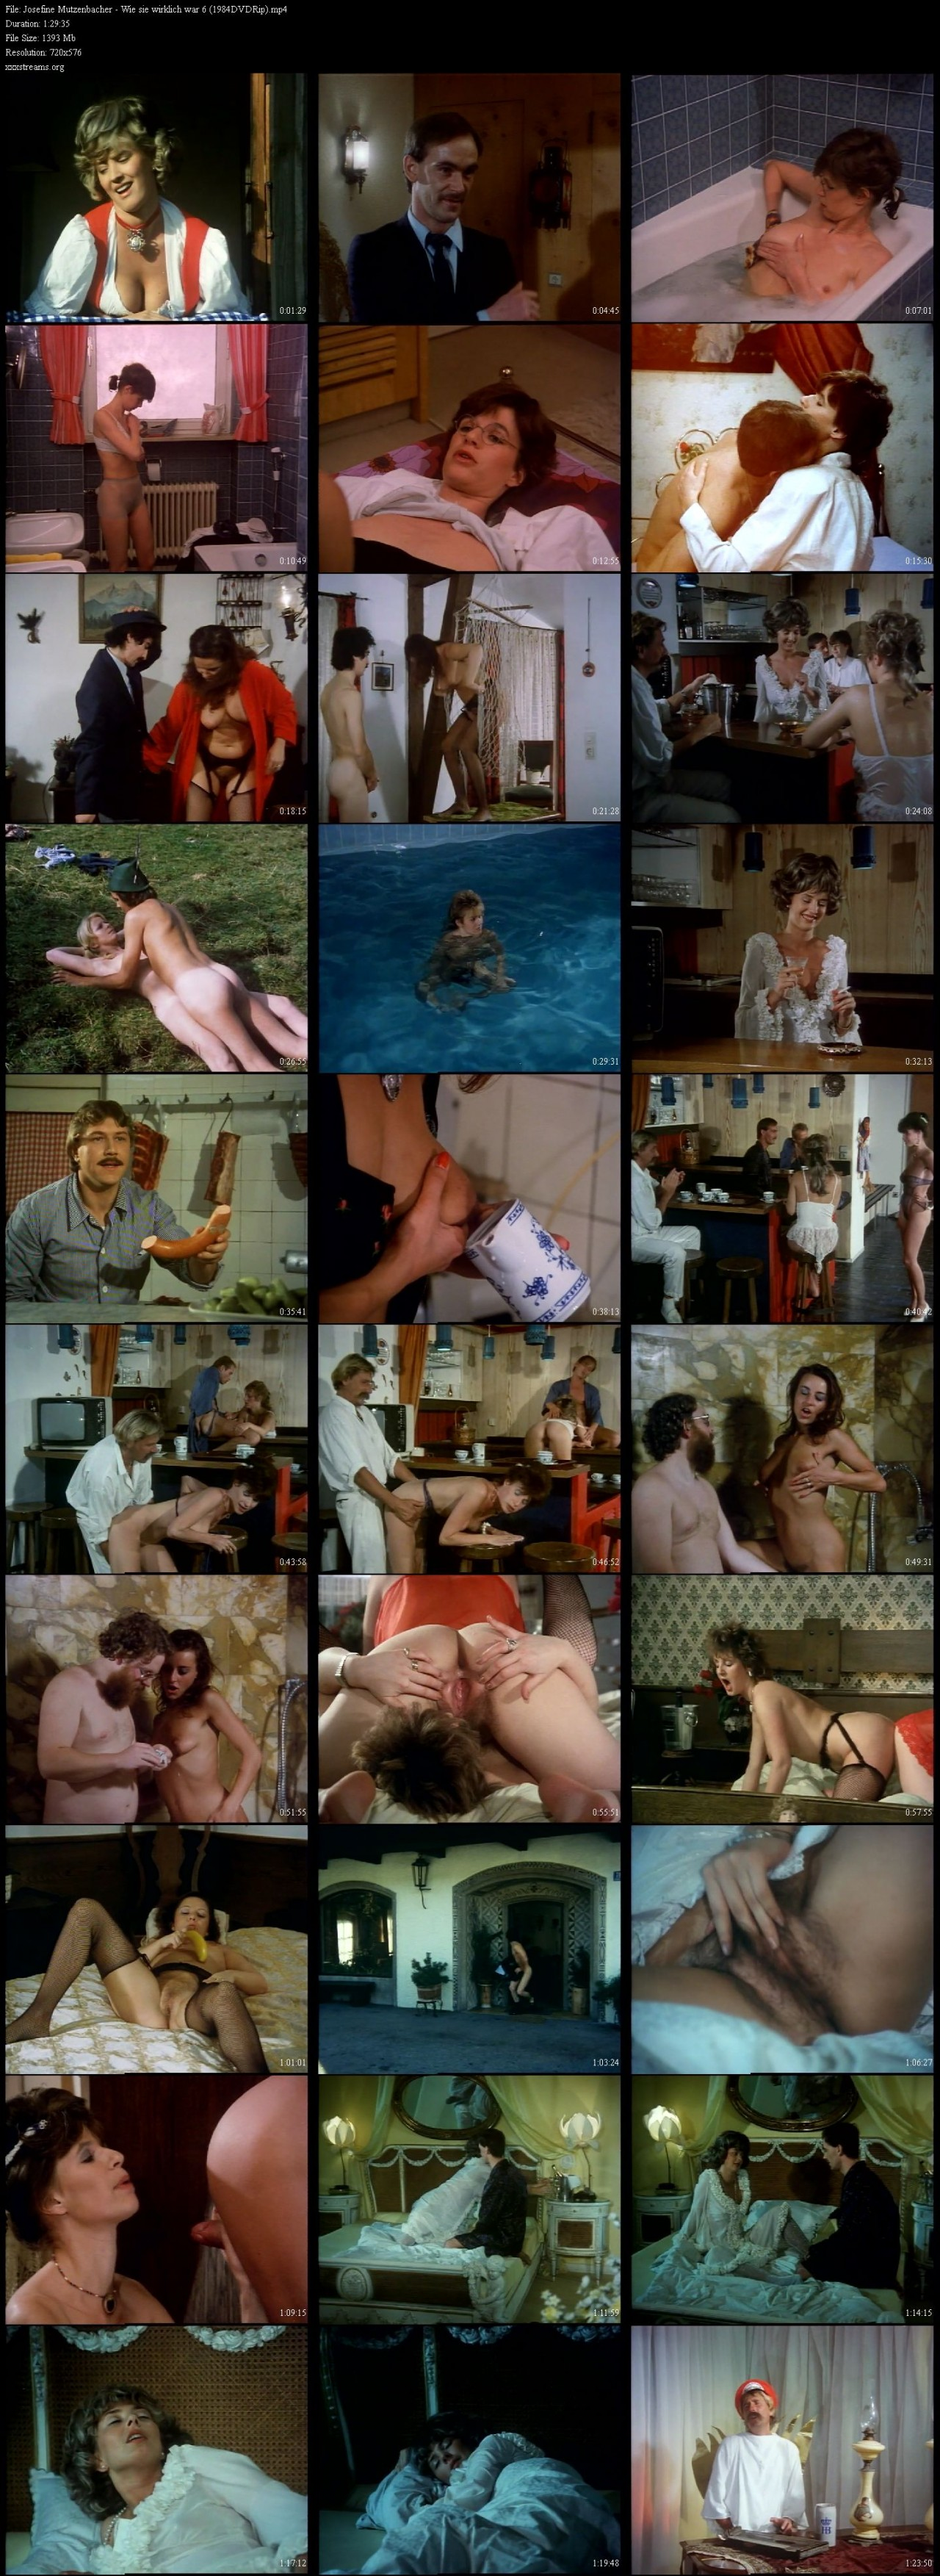 Трусики смотреть порно фильм в хорошем качестве жозефина мутценбахер анкеты салонов